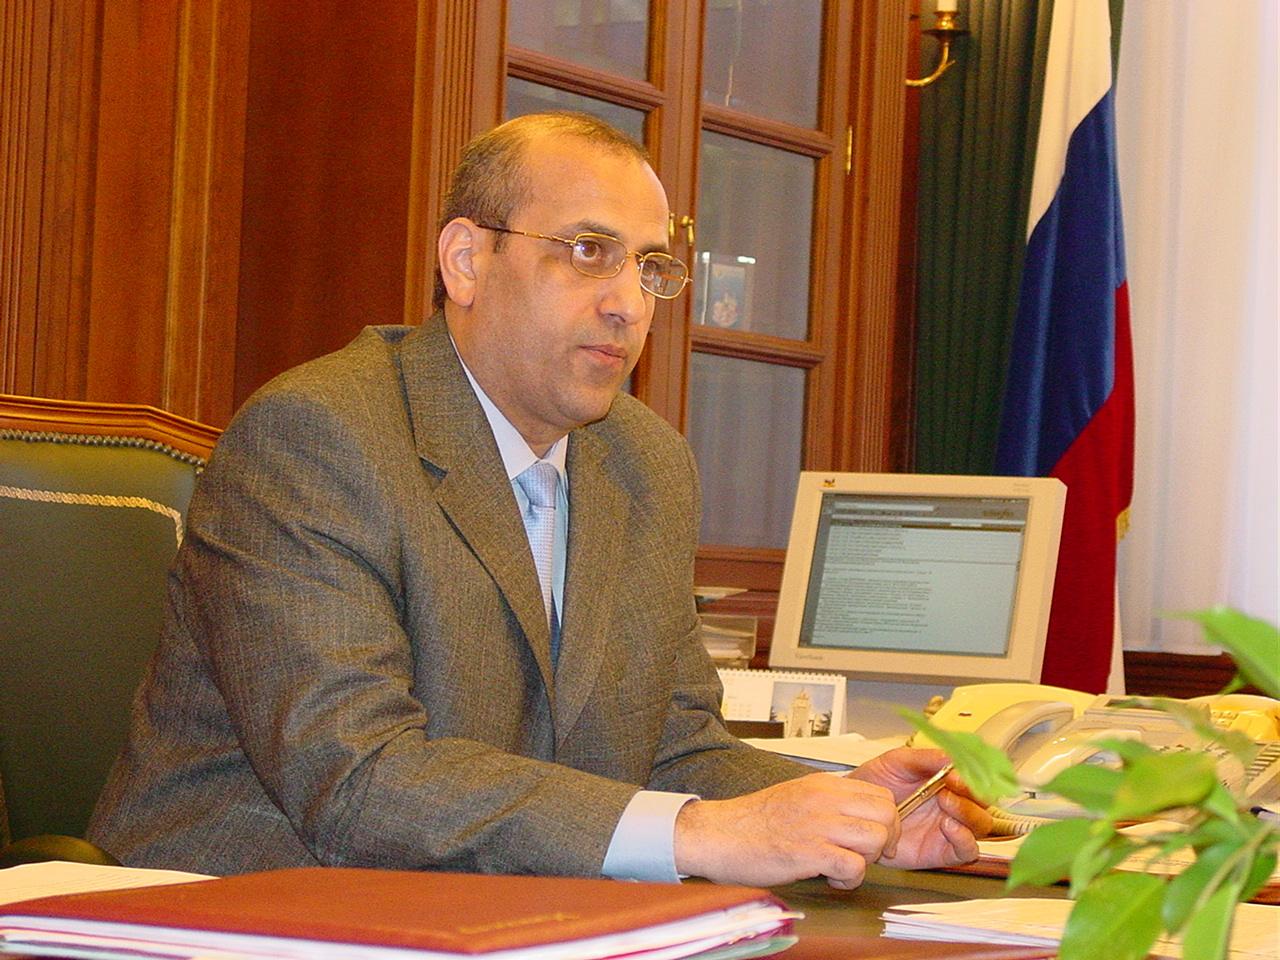 Igor Yusufov